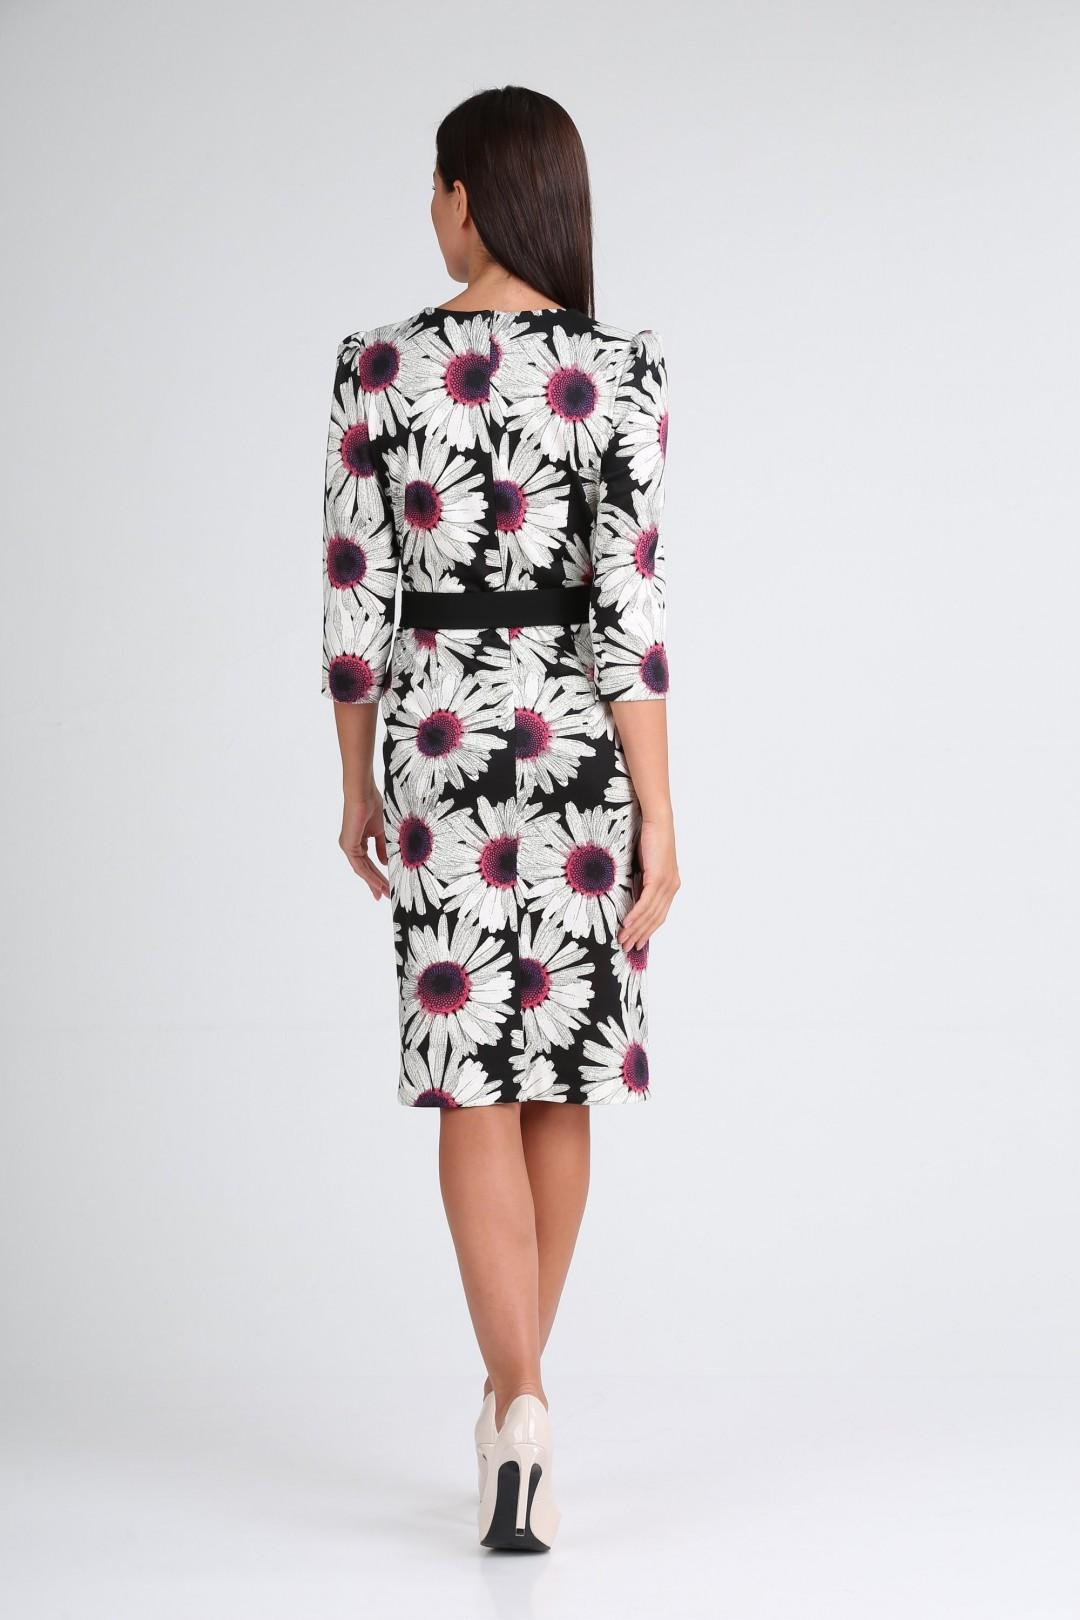 Платье Мода-Версаль 2325 фиолетовый